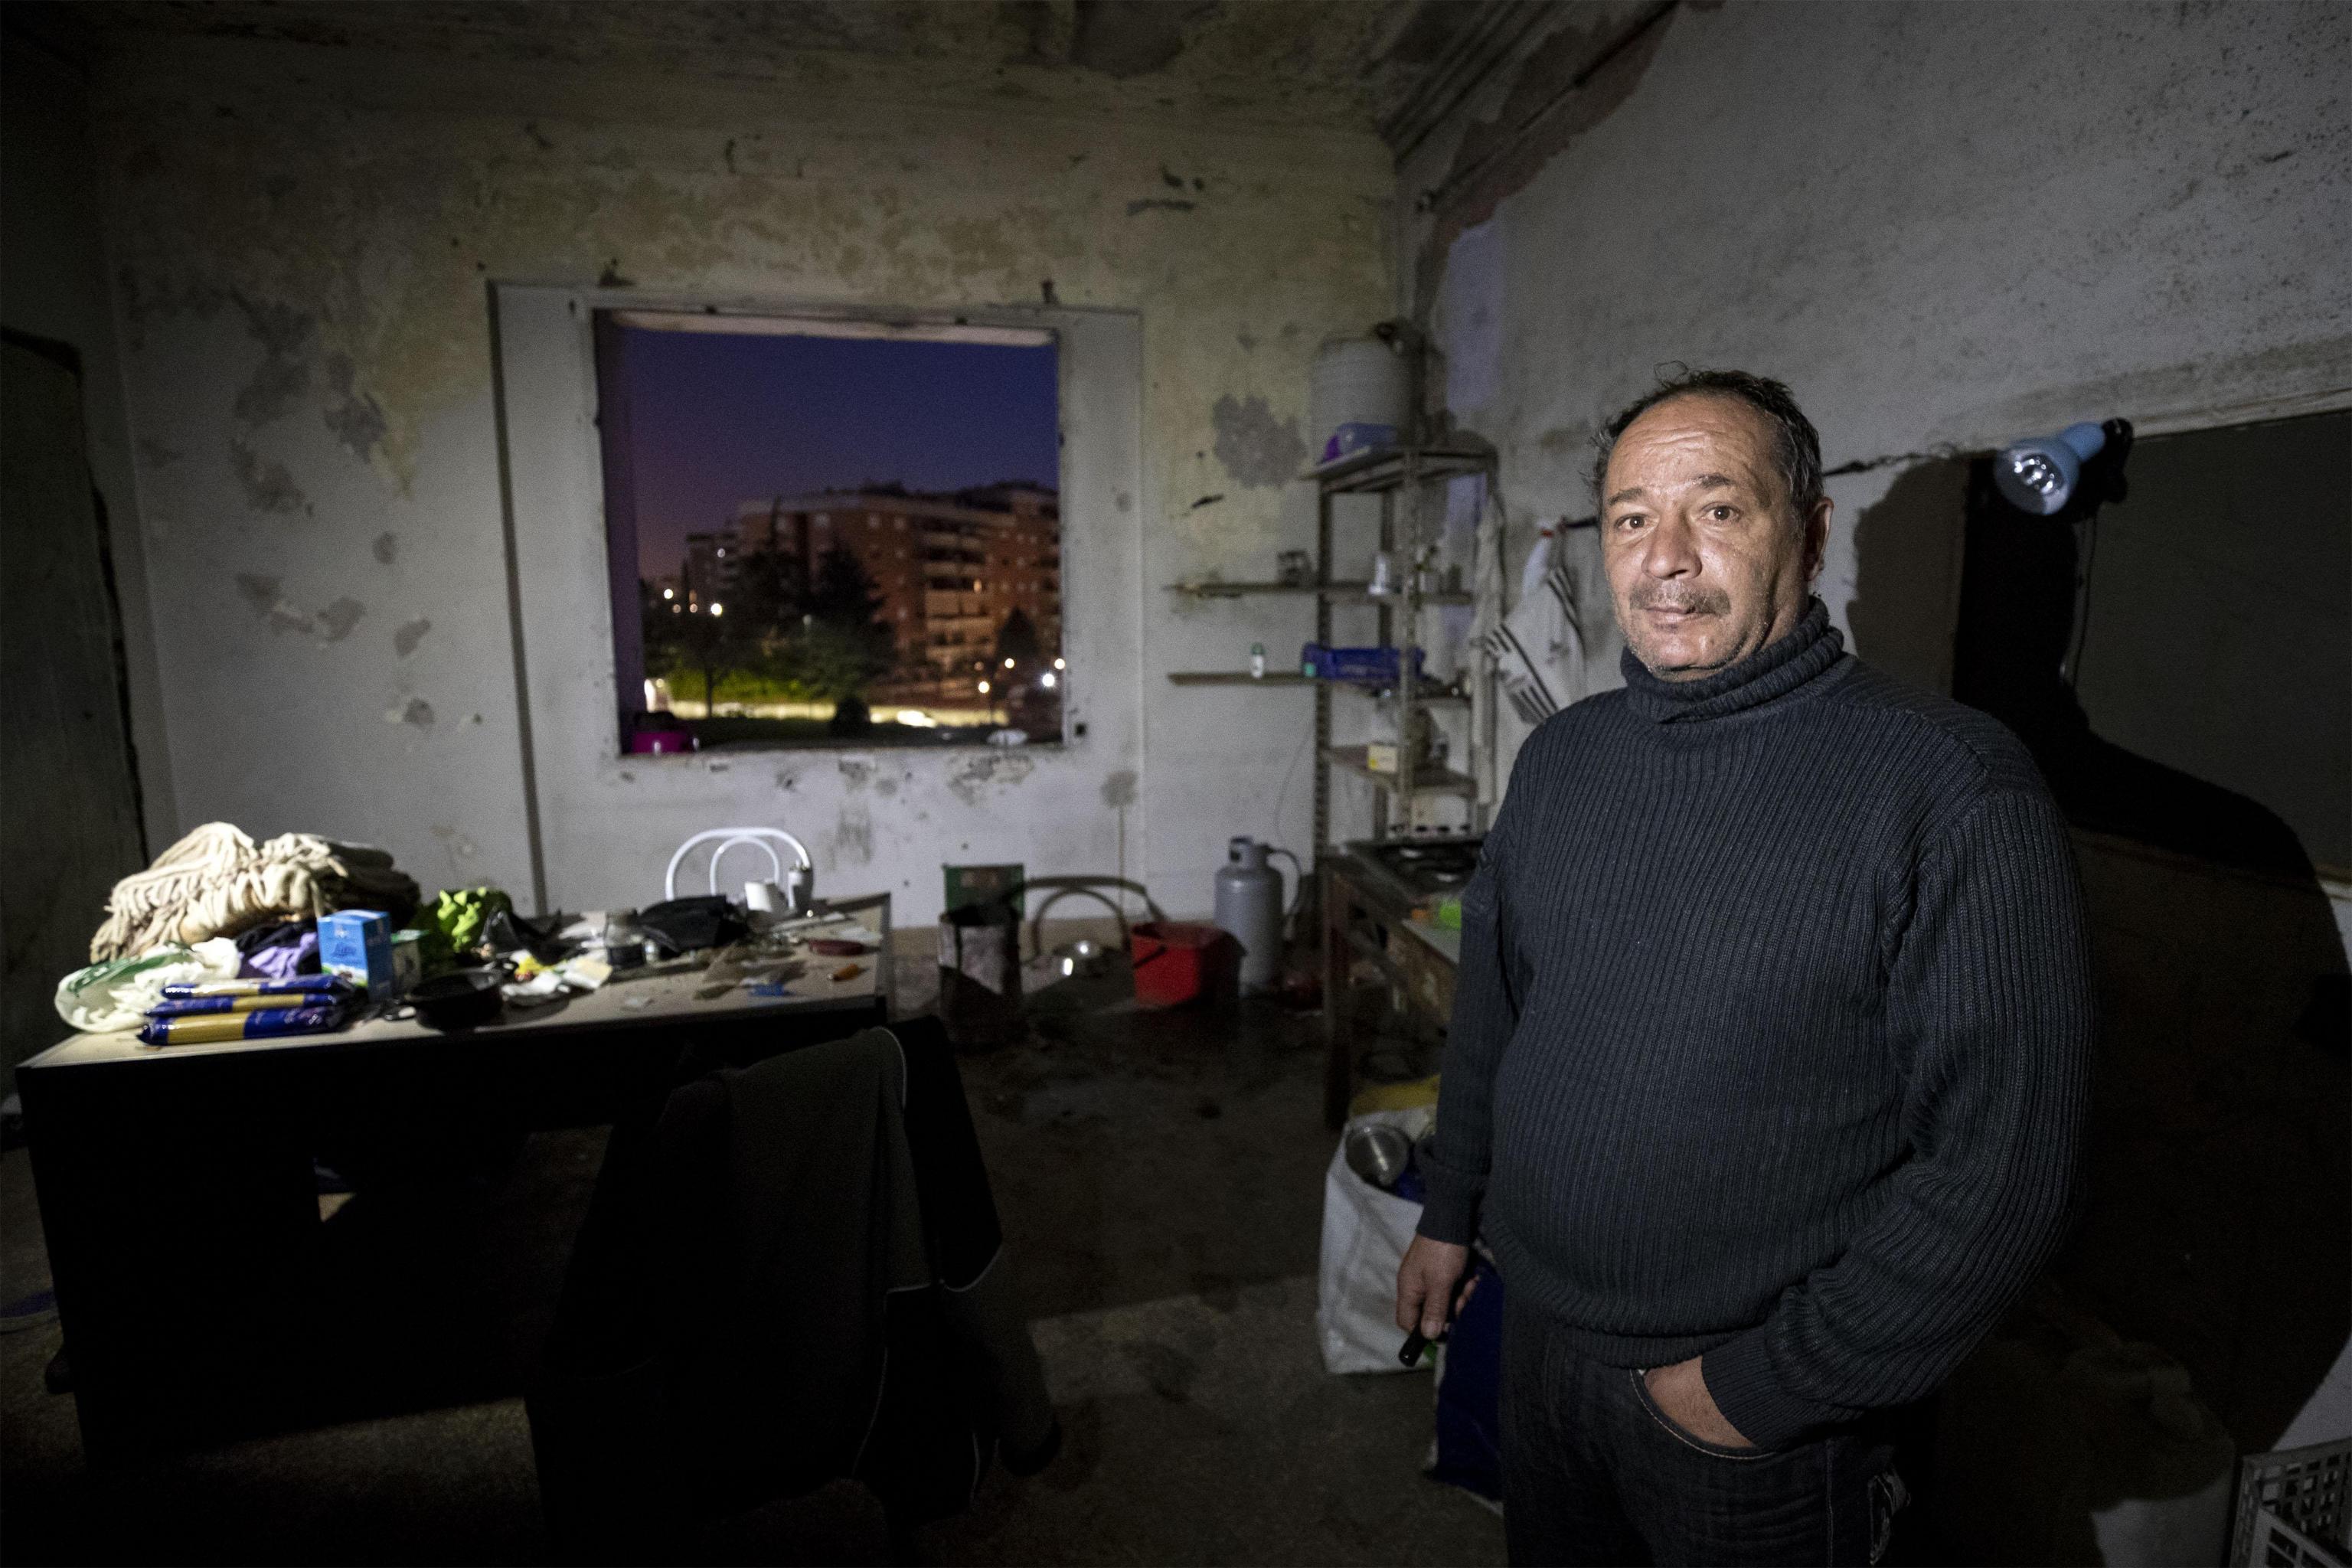 Alessandro un italiano che vive nell'ex fabbrica di penicillina su via Tiburtina a Roma, 10 dicembre 2018 ANSA/PERI PERCOSSI